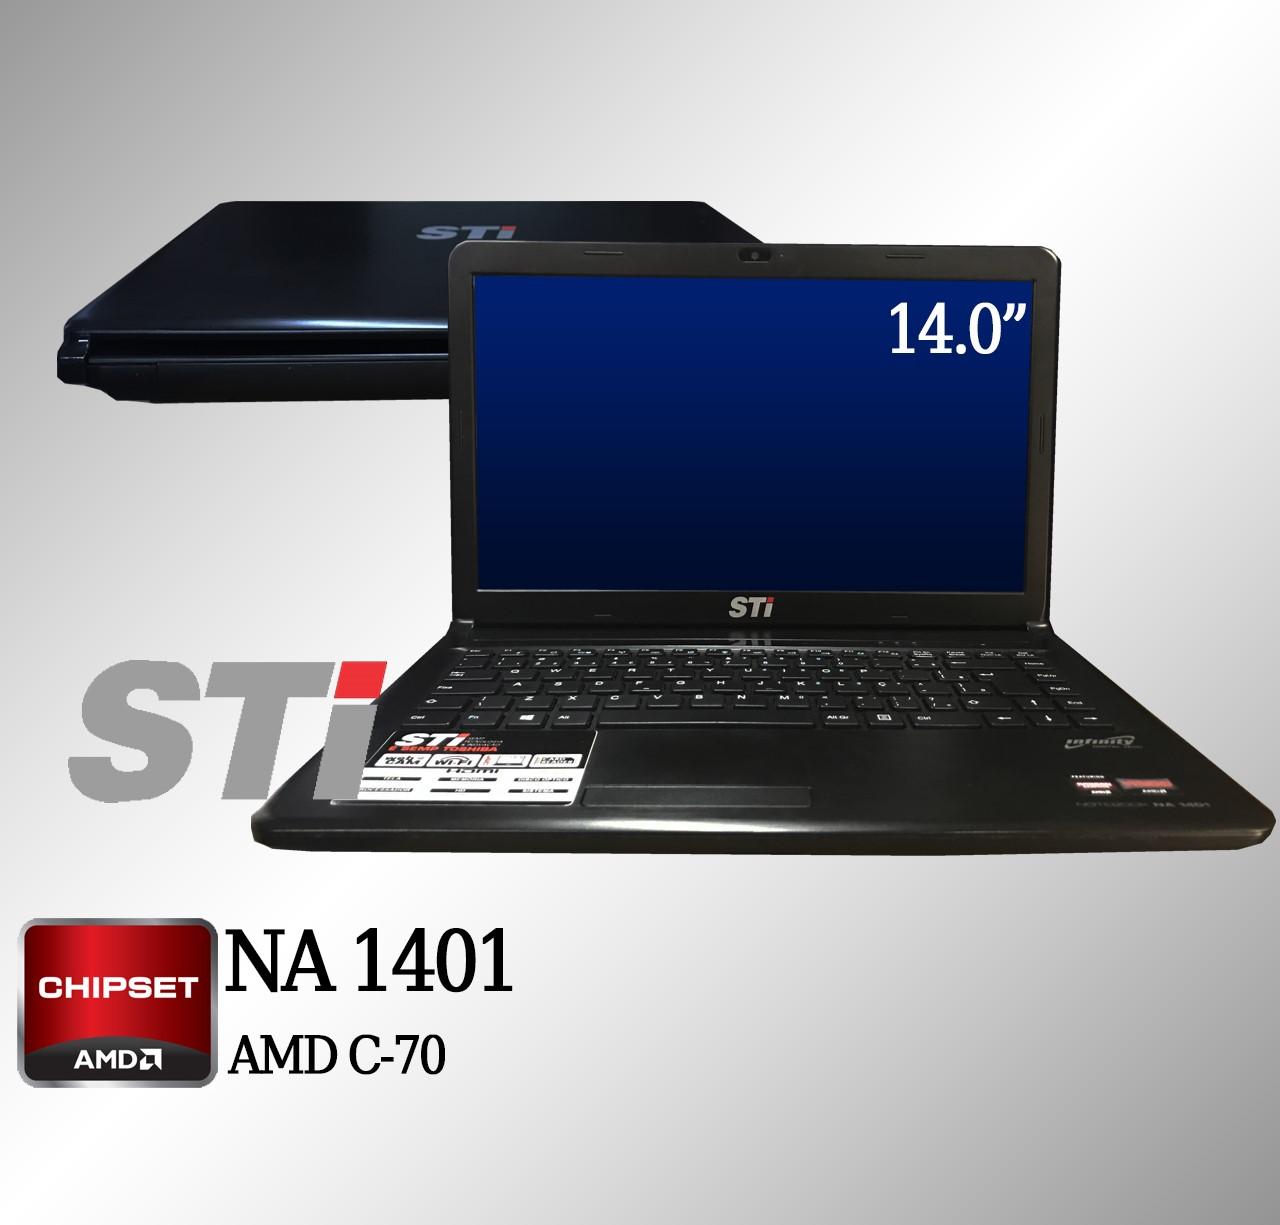 Laptop STI NA 1401 AMD C-70 4GB Memória e 250GB disco